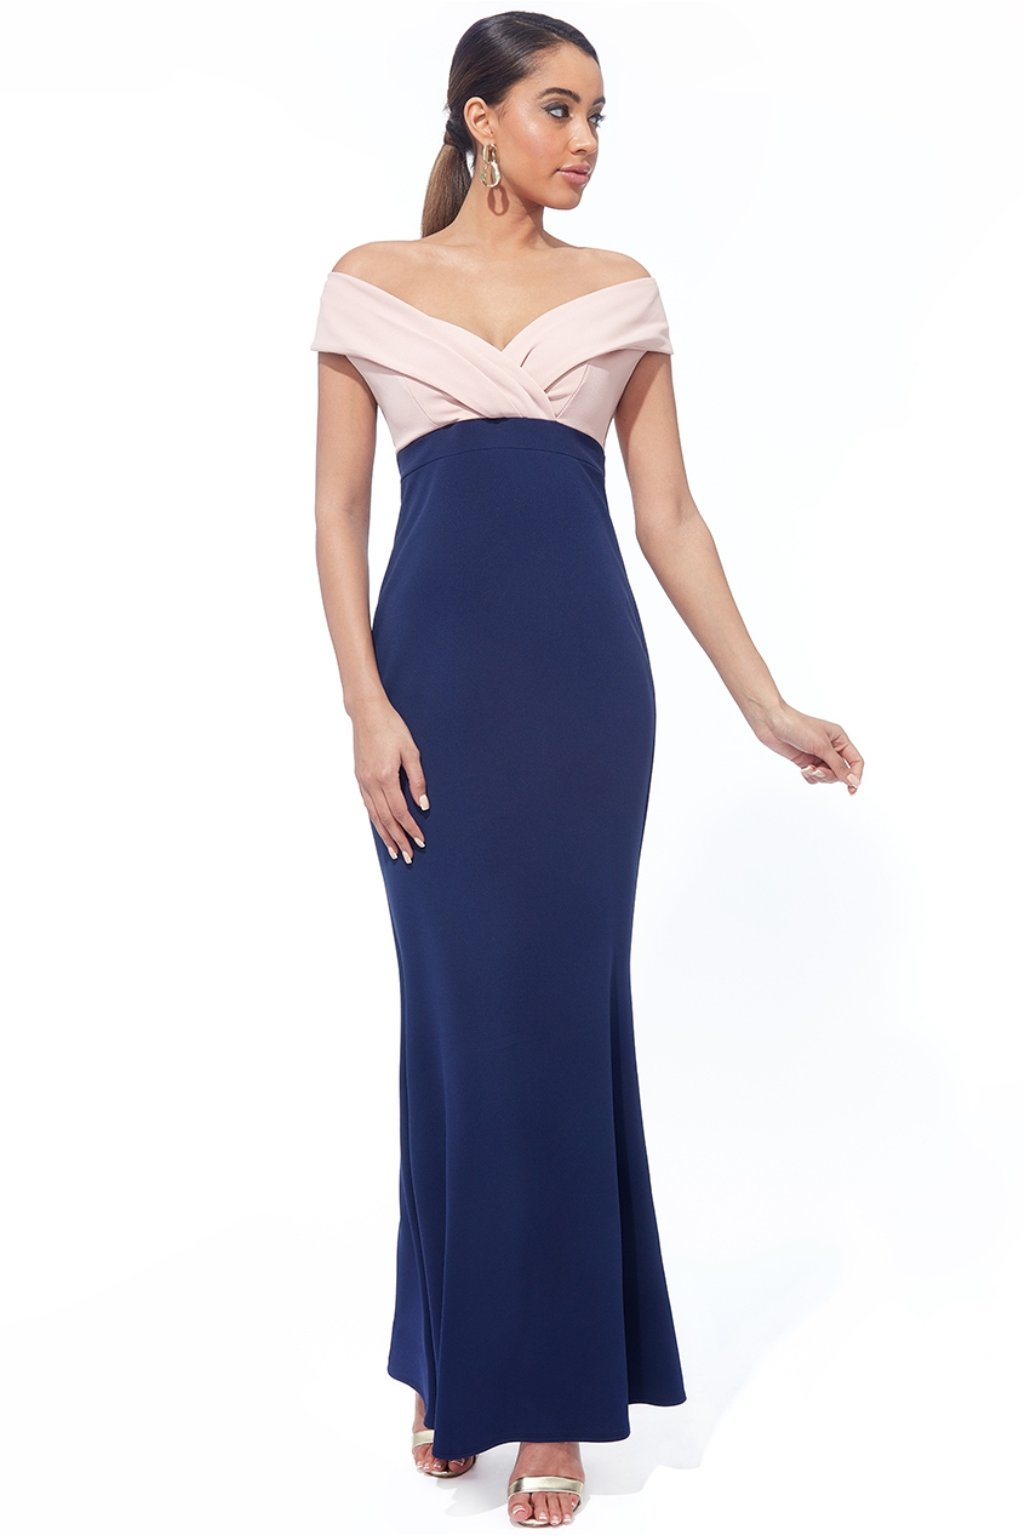 Ružovo-modré spoločenské priliehavé šaty